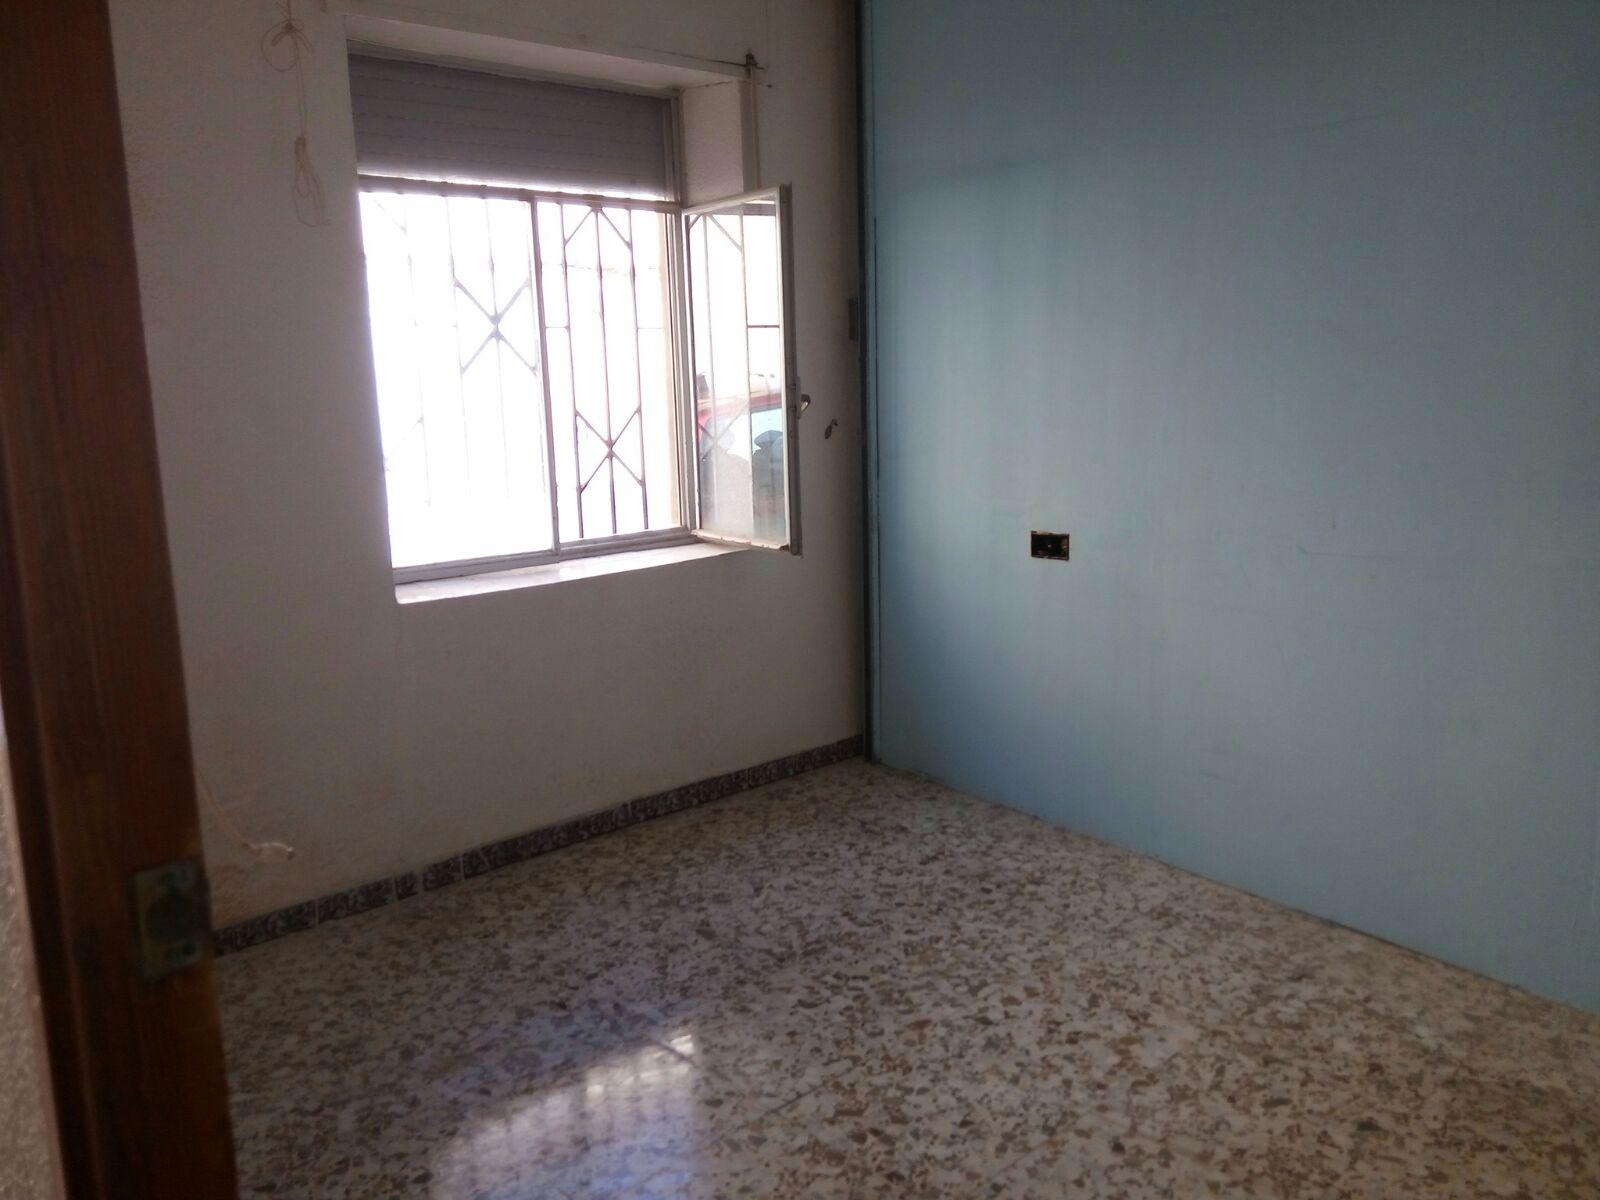 Casa en Lorquí (52424-0001) - foto1